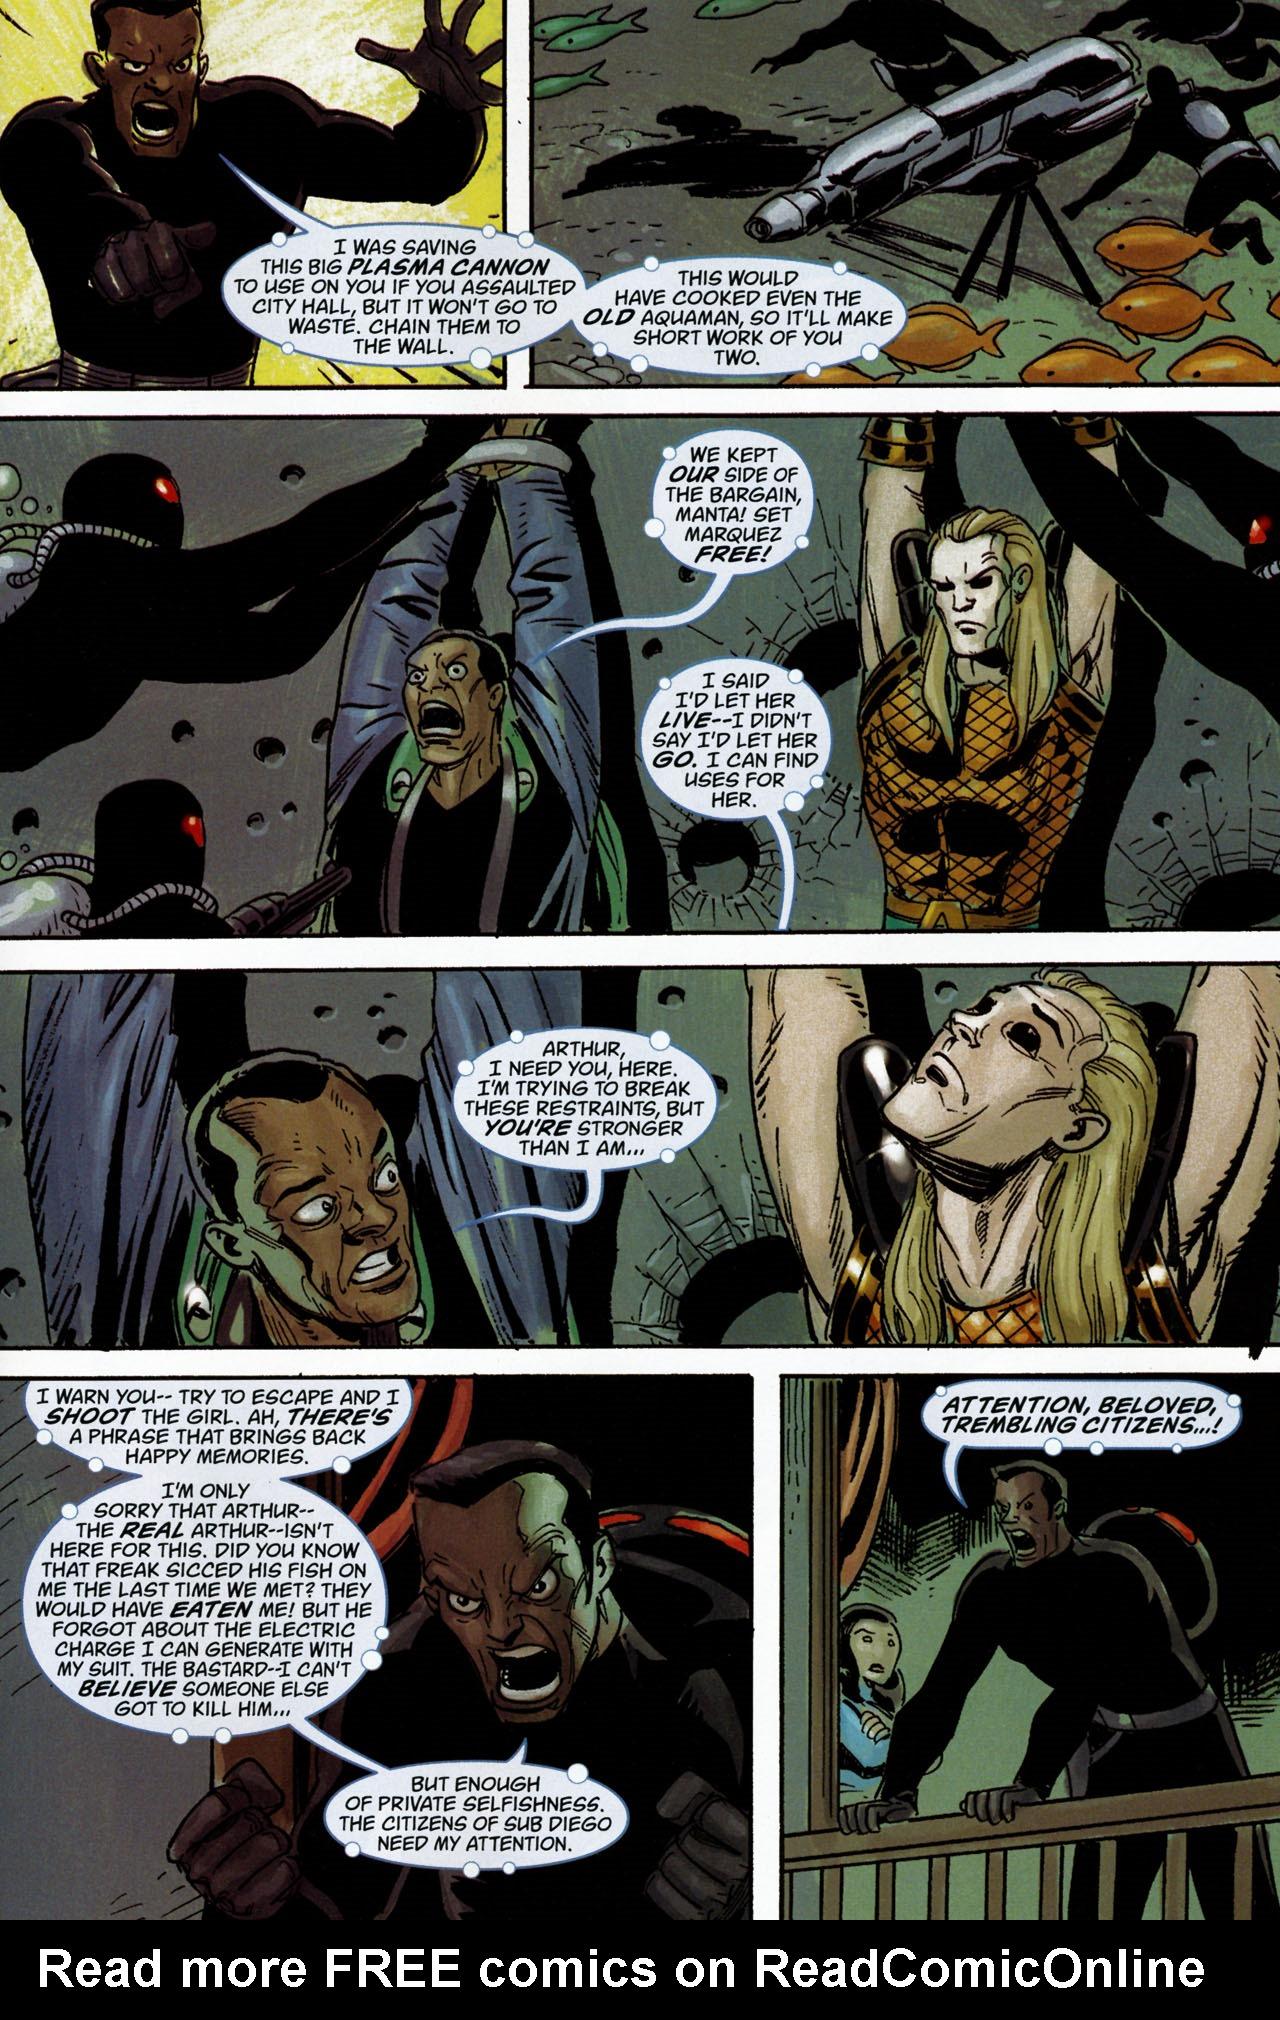 Read online Aquaman: Sword of Atlantis comic -  Issue #53 - 15